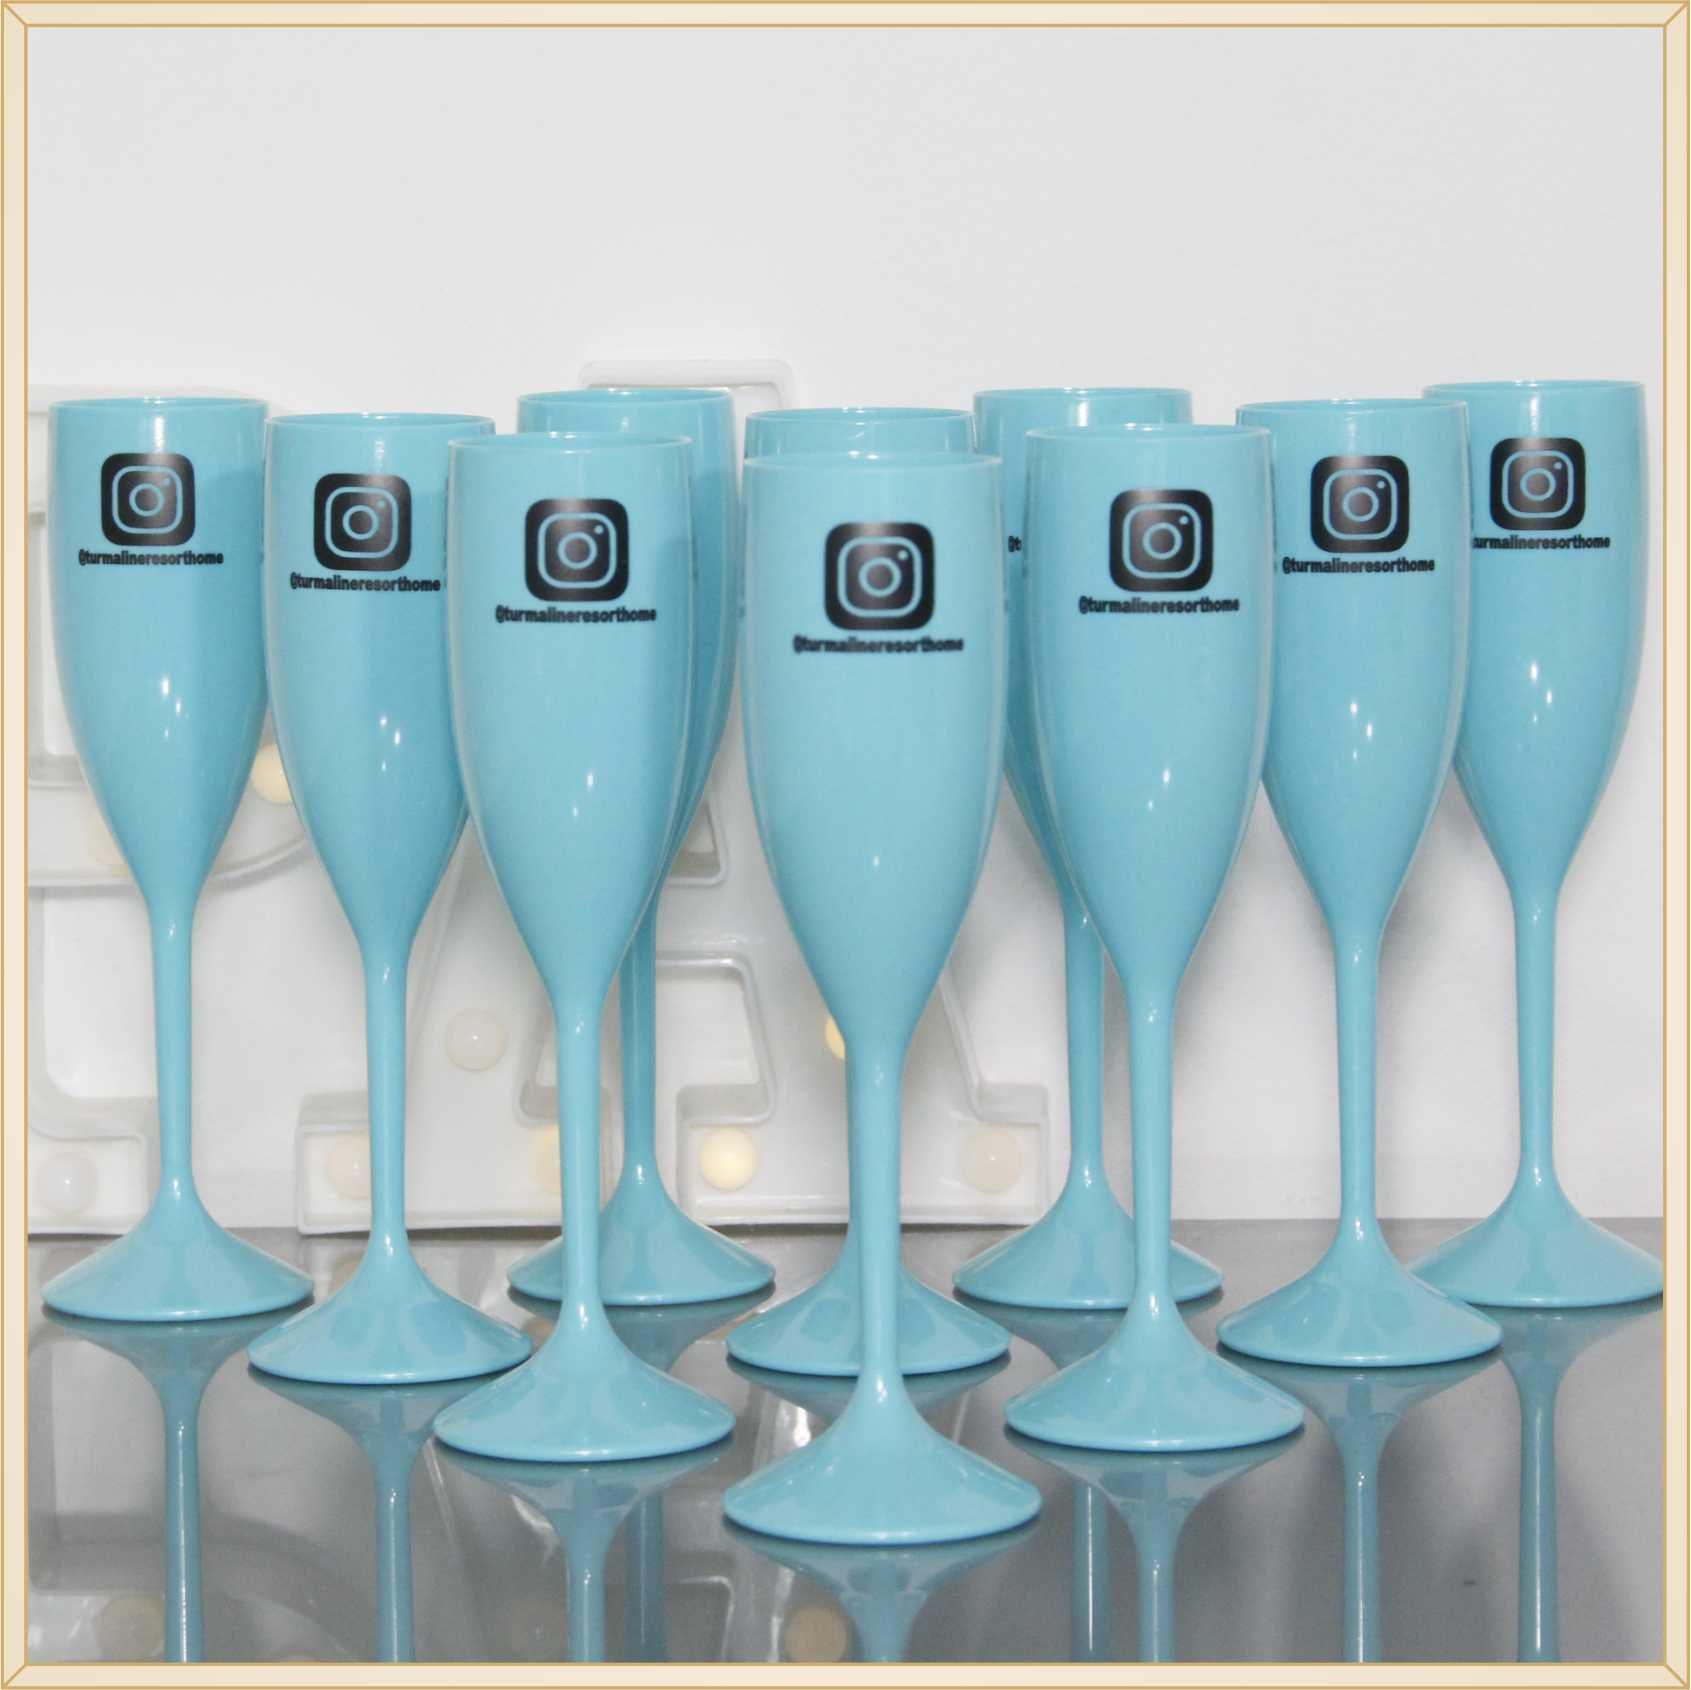 Taças de acrílico Personalizadas Empresas - material de qualidade, brilhante, acabamento perfeito, parede 2,0mm, produto Atóxico, 190ml. kit 30 unid.